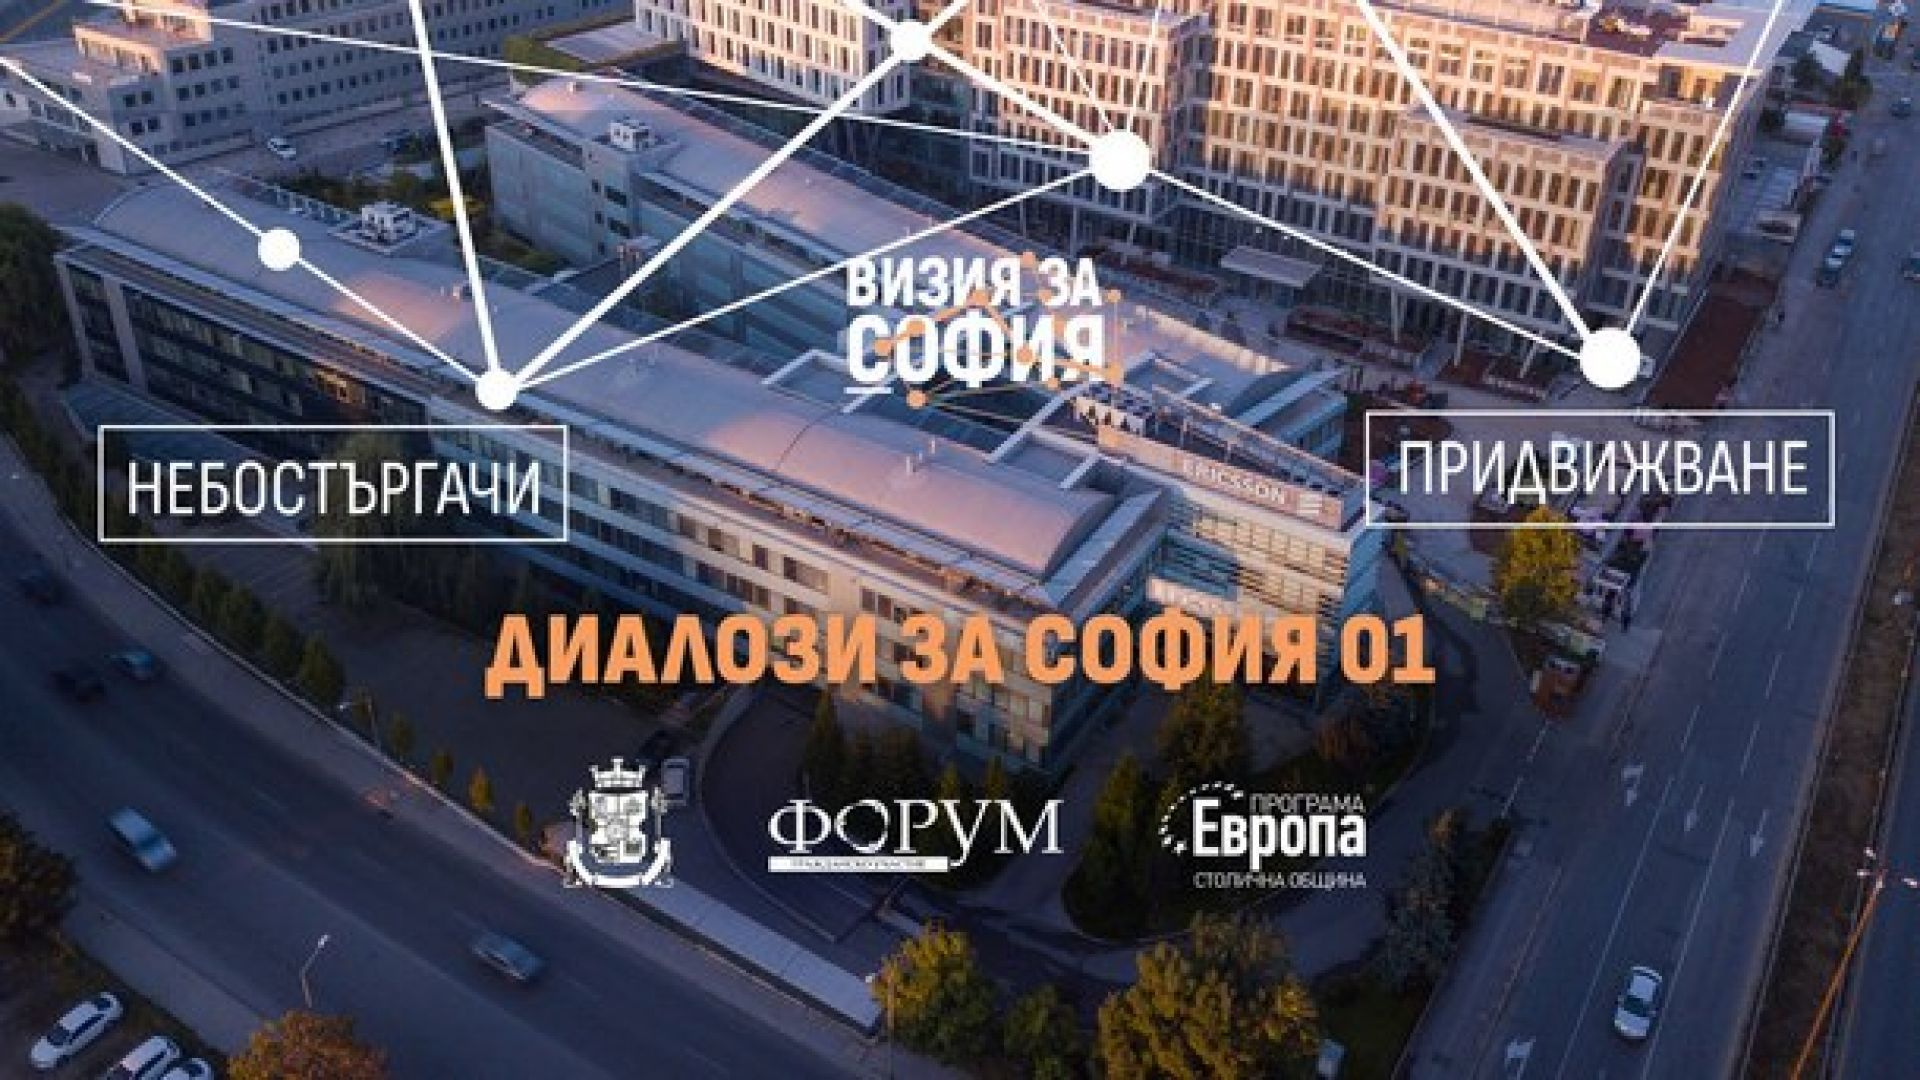 Платформа събира мненията на гражданите за бъдещата визия на София